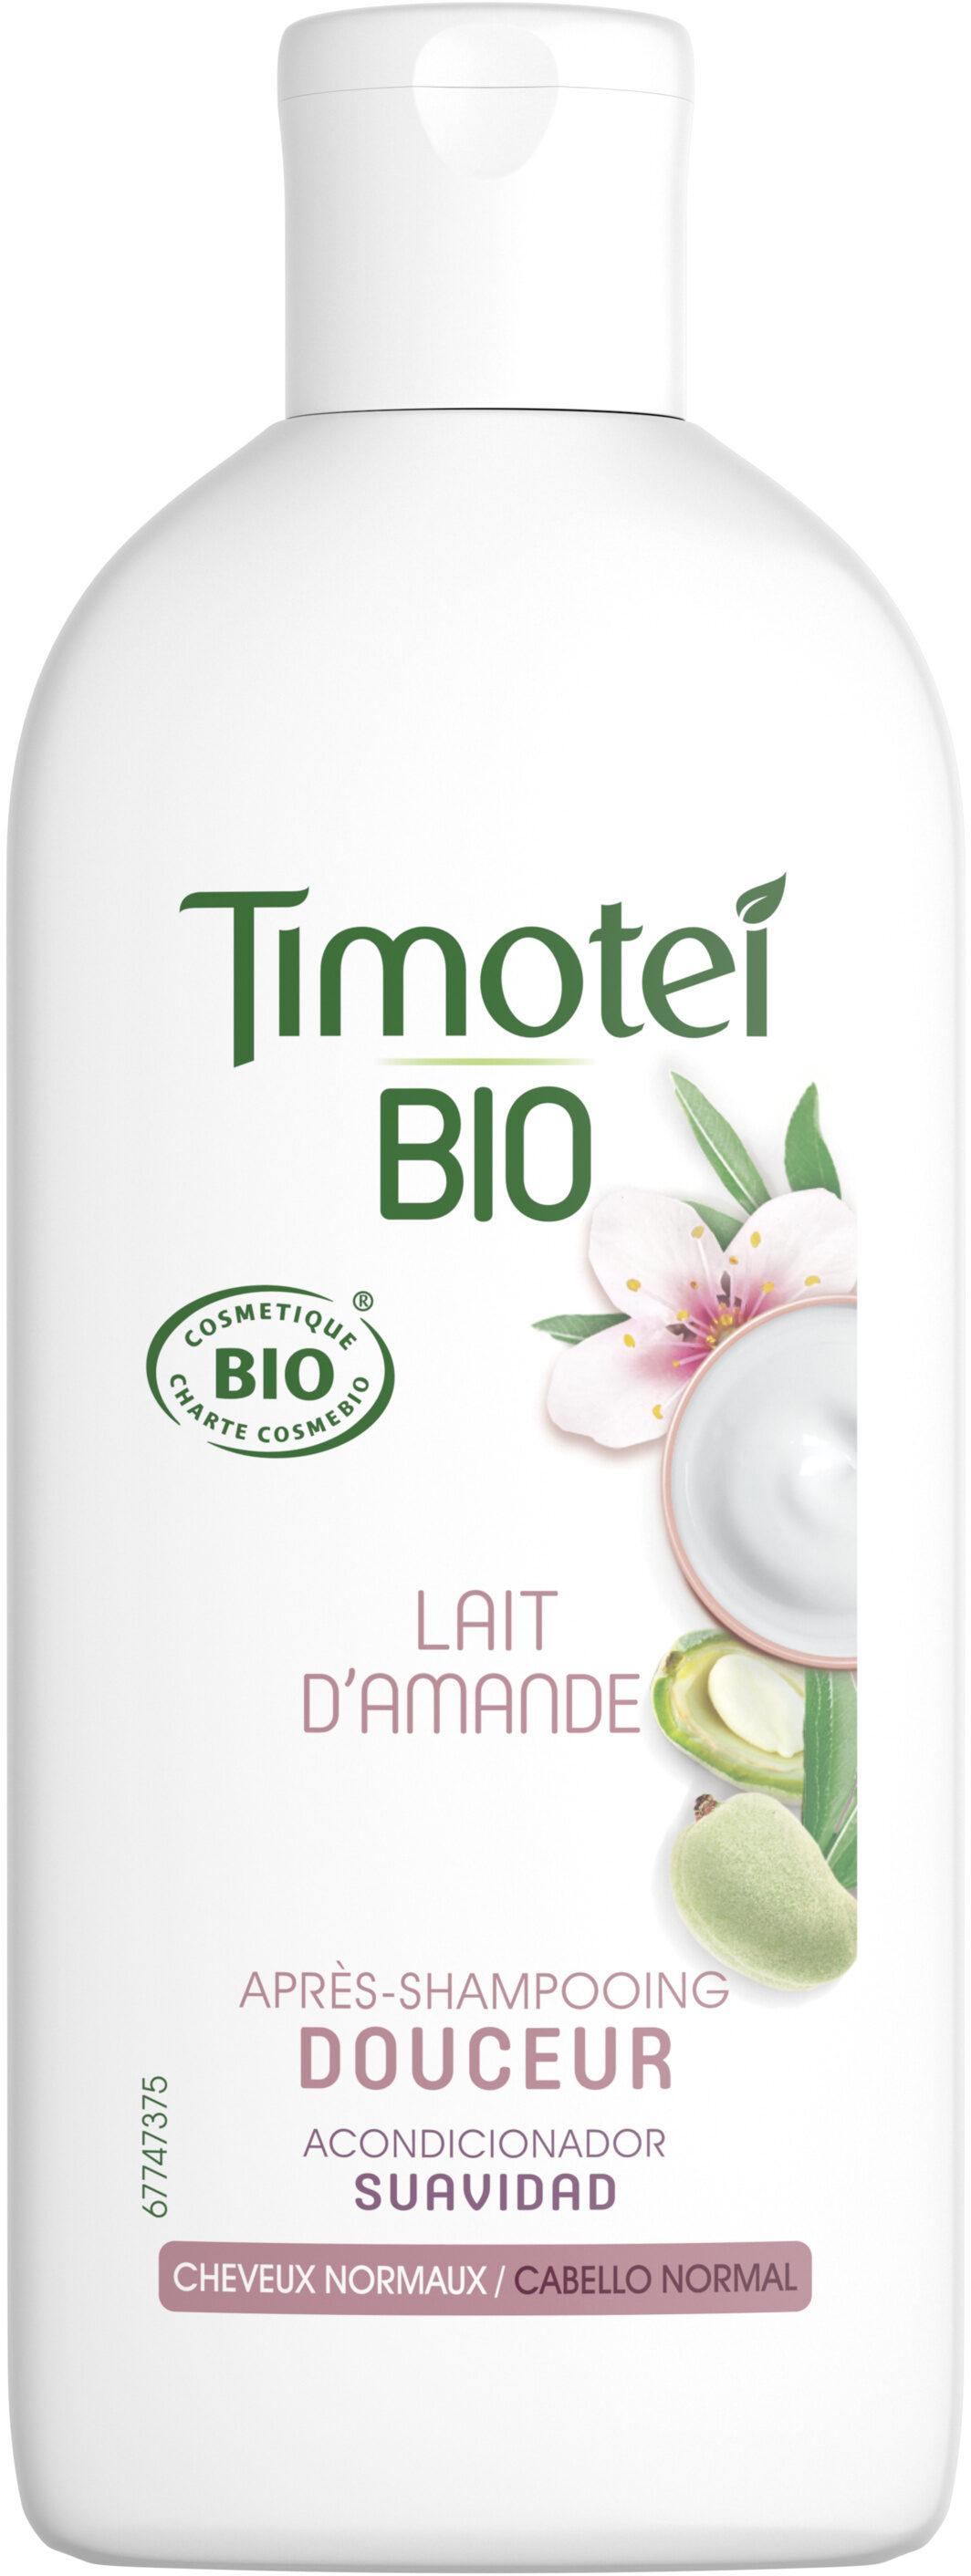 Timotei Bio Après-Shampooing Femme Douceur infusé au Lait d'Amande Douce Cheveux Normaux - Product - fr